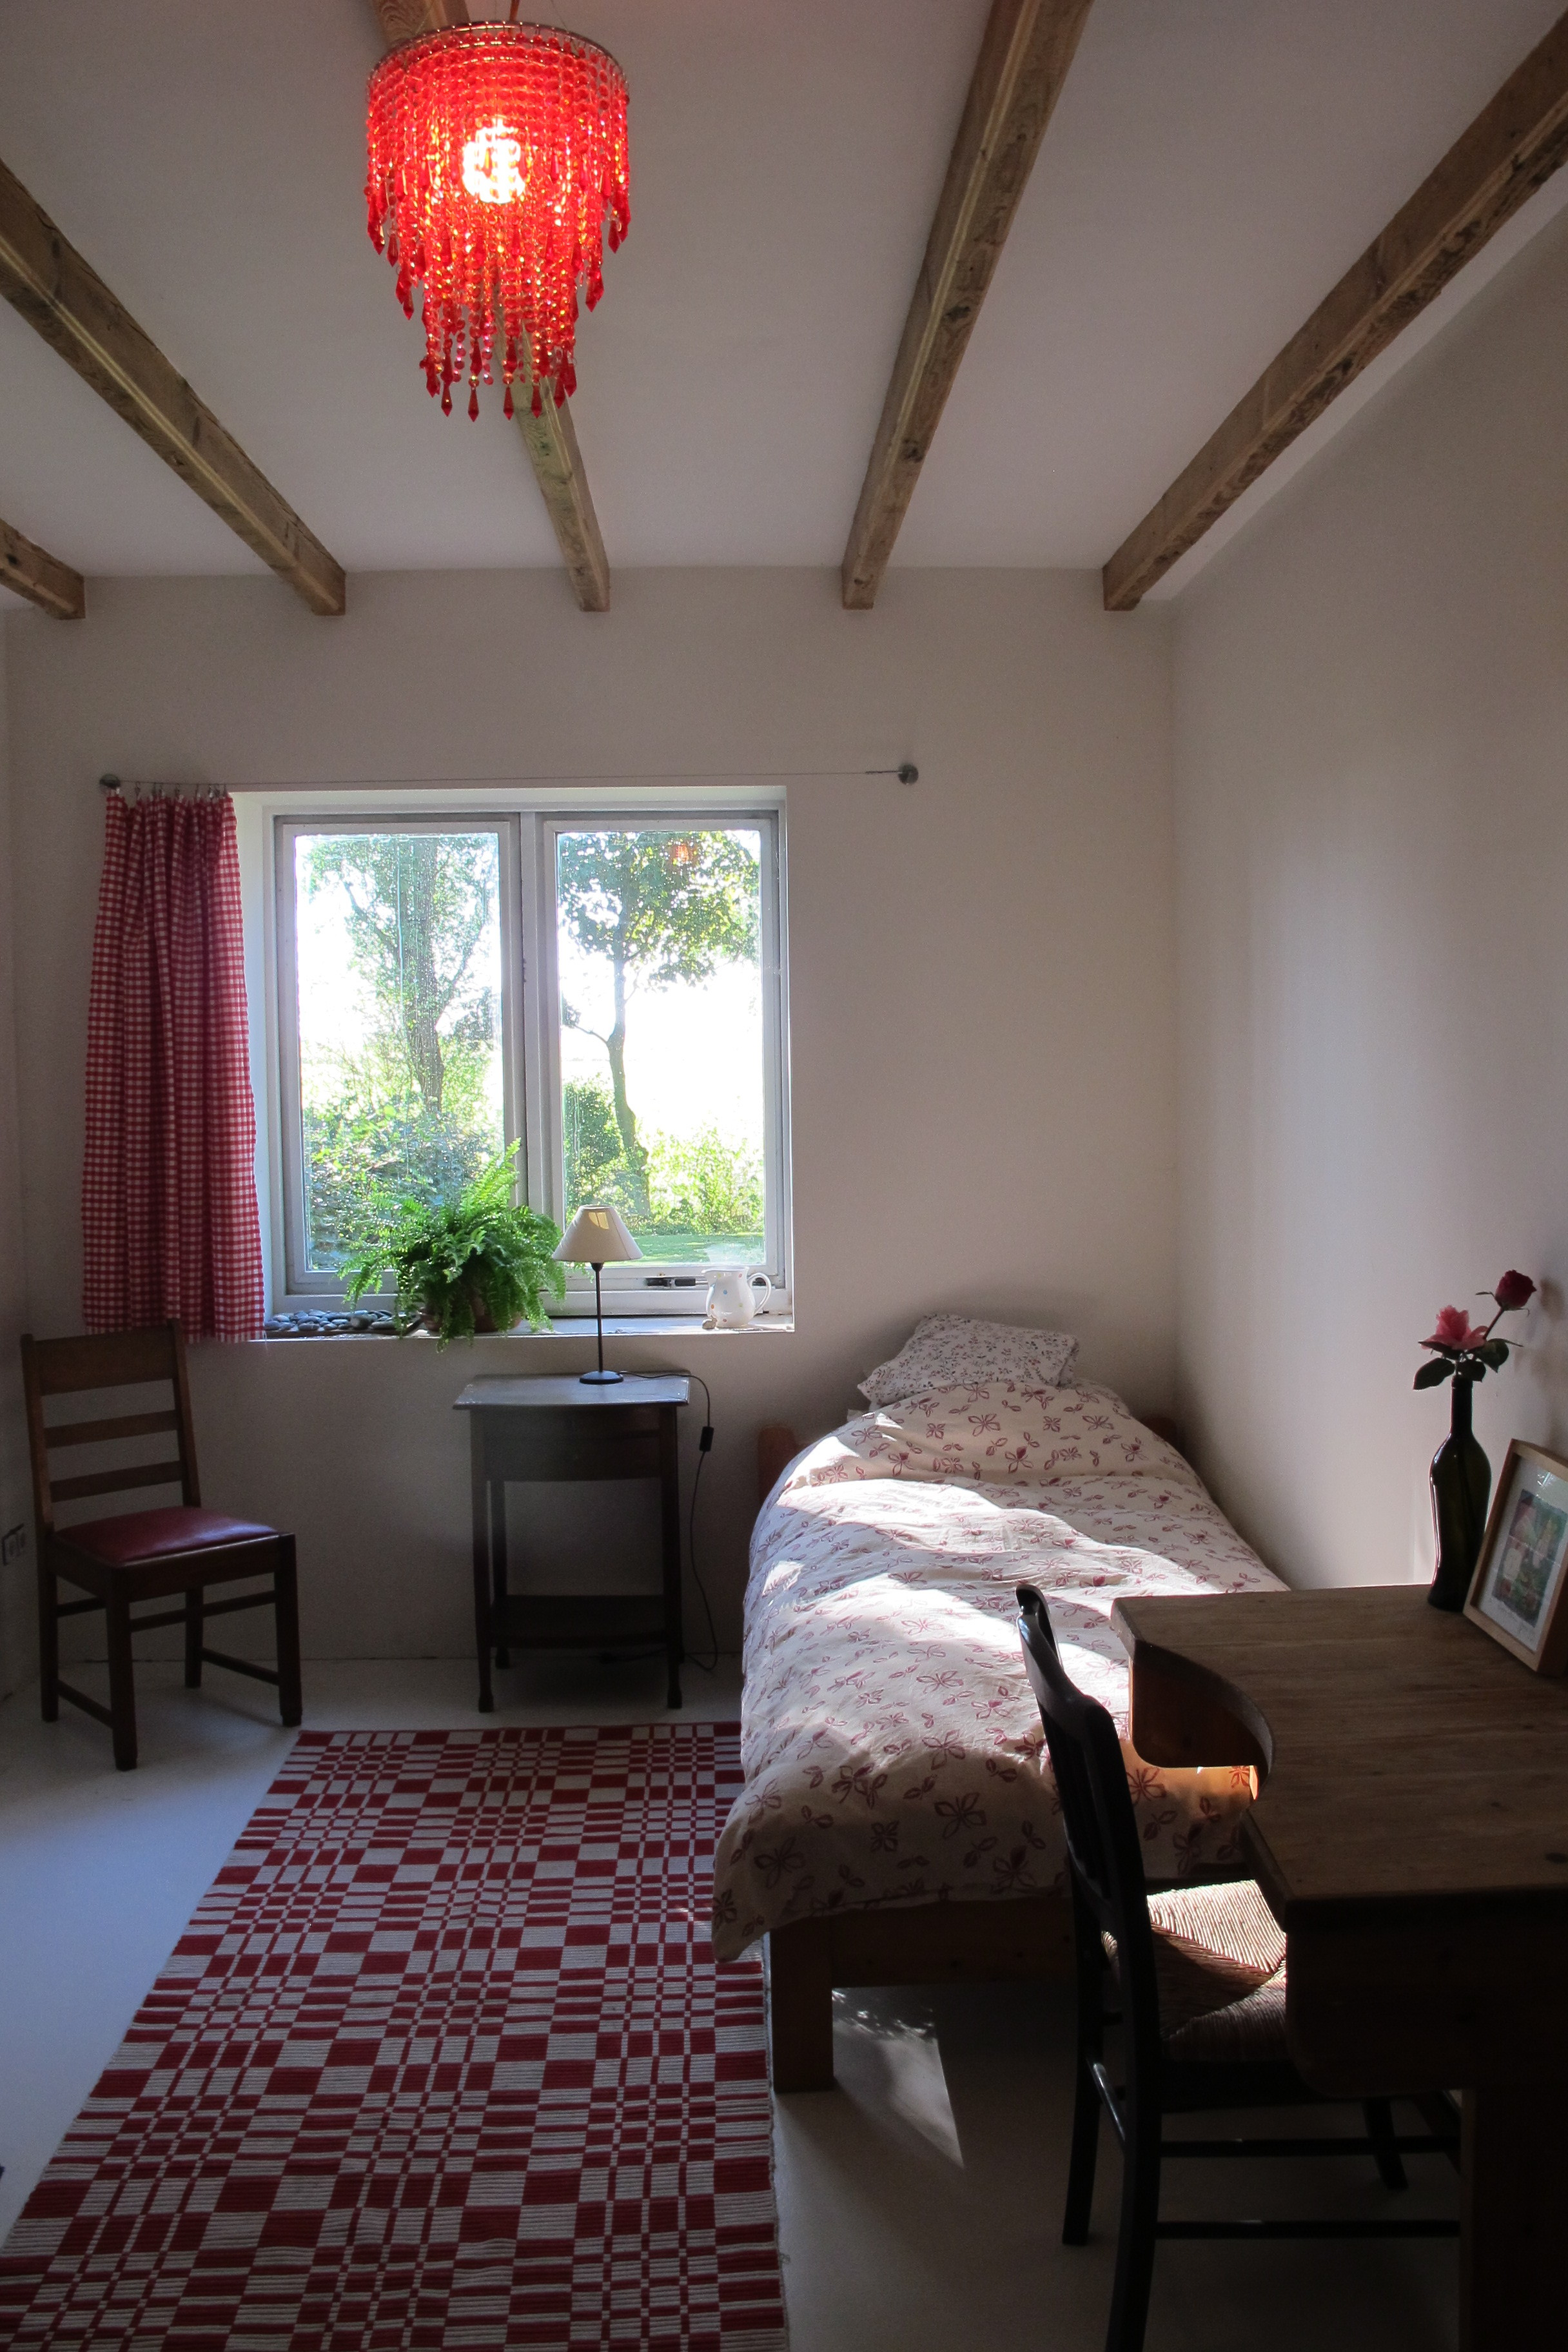 Slaapkamer op de begane grond met vloerverwarming. Met een eenpersoonsbed en een stapelbed.